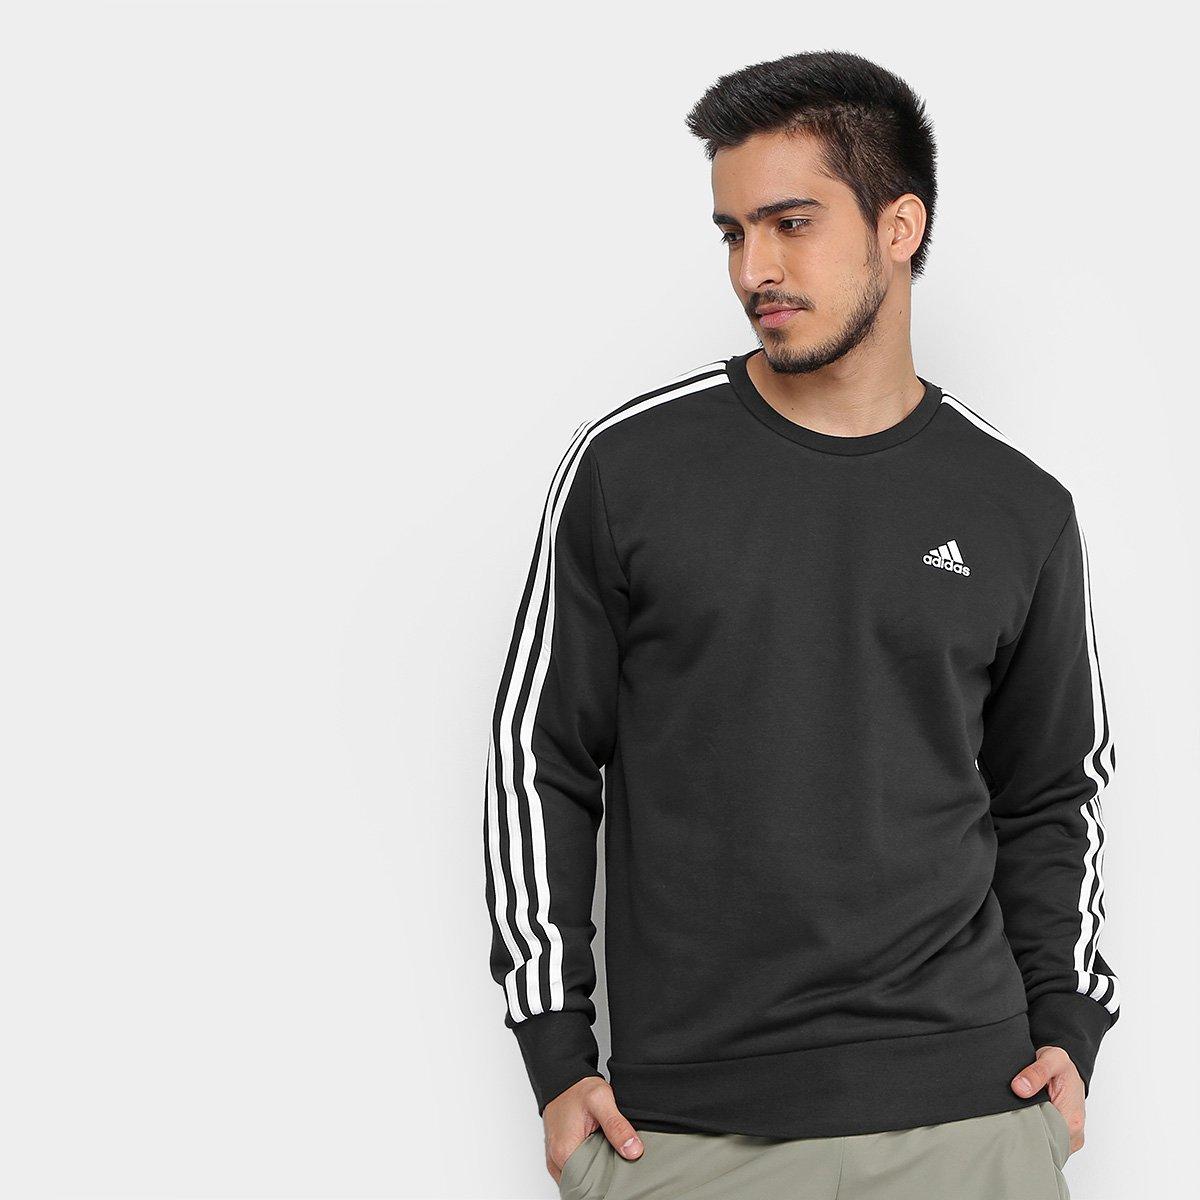 96df863d3c8a2 Moletom Adidas Ess 3S Crew Masculino - Preto e Branco - Compre Agora ...